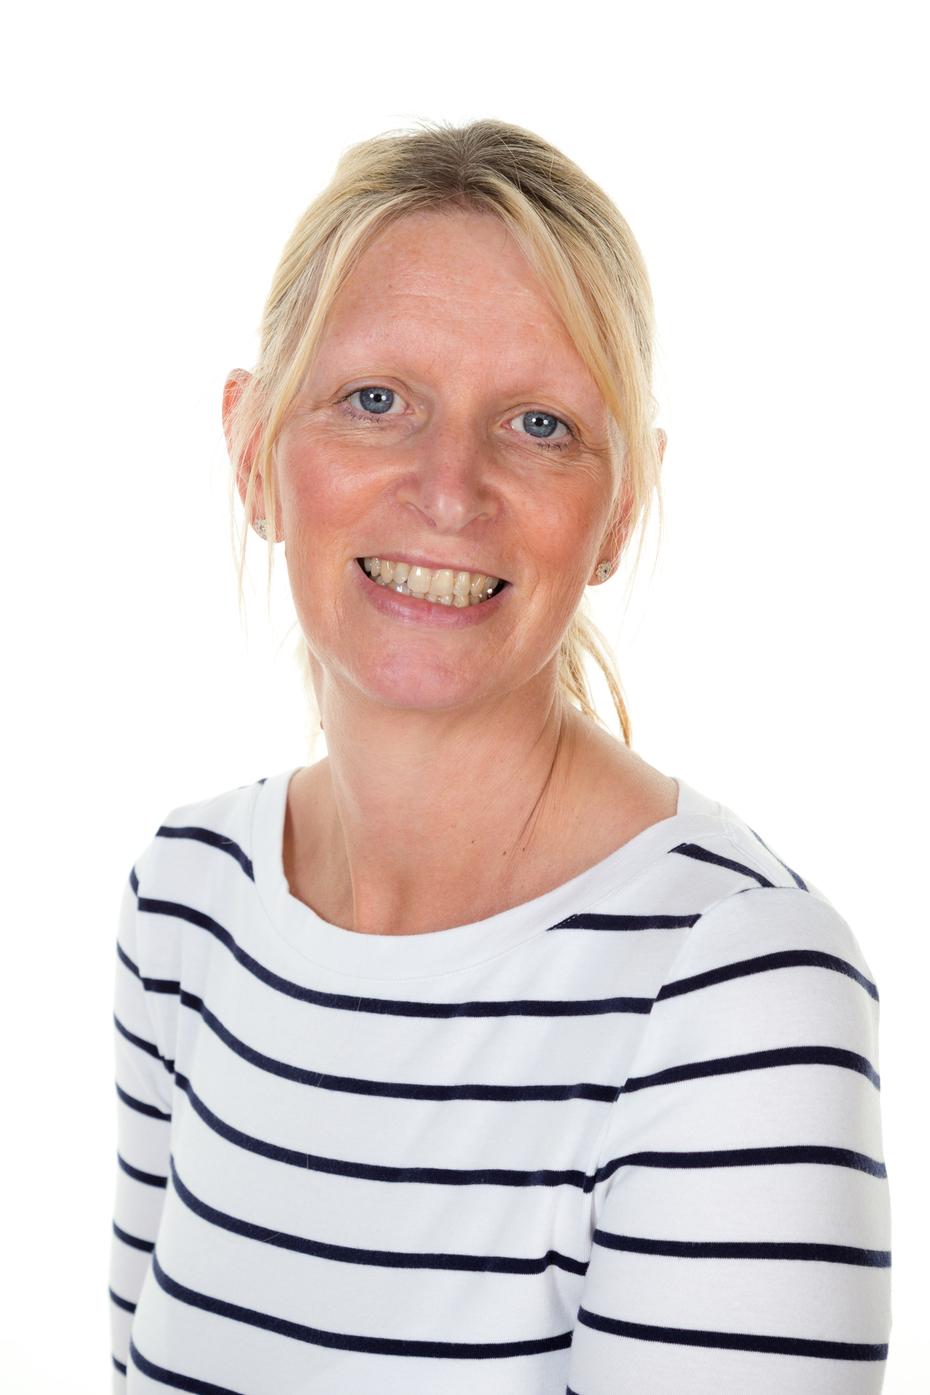 Mrs Hodgkinson